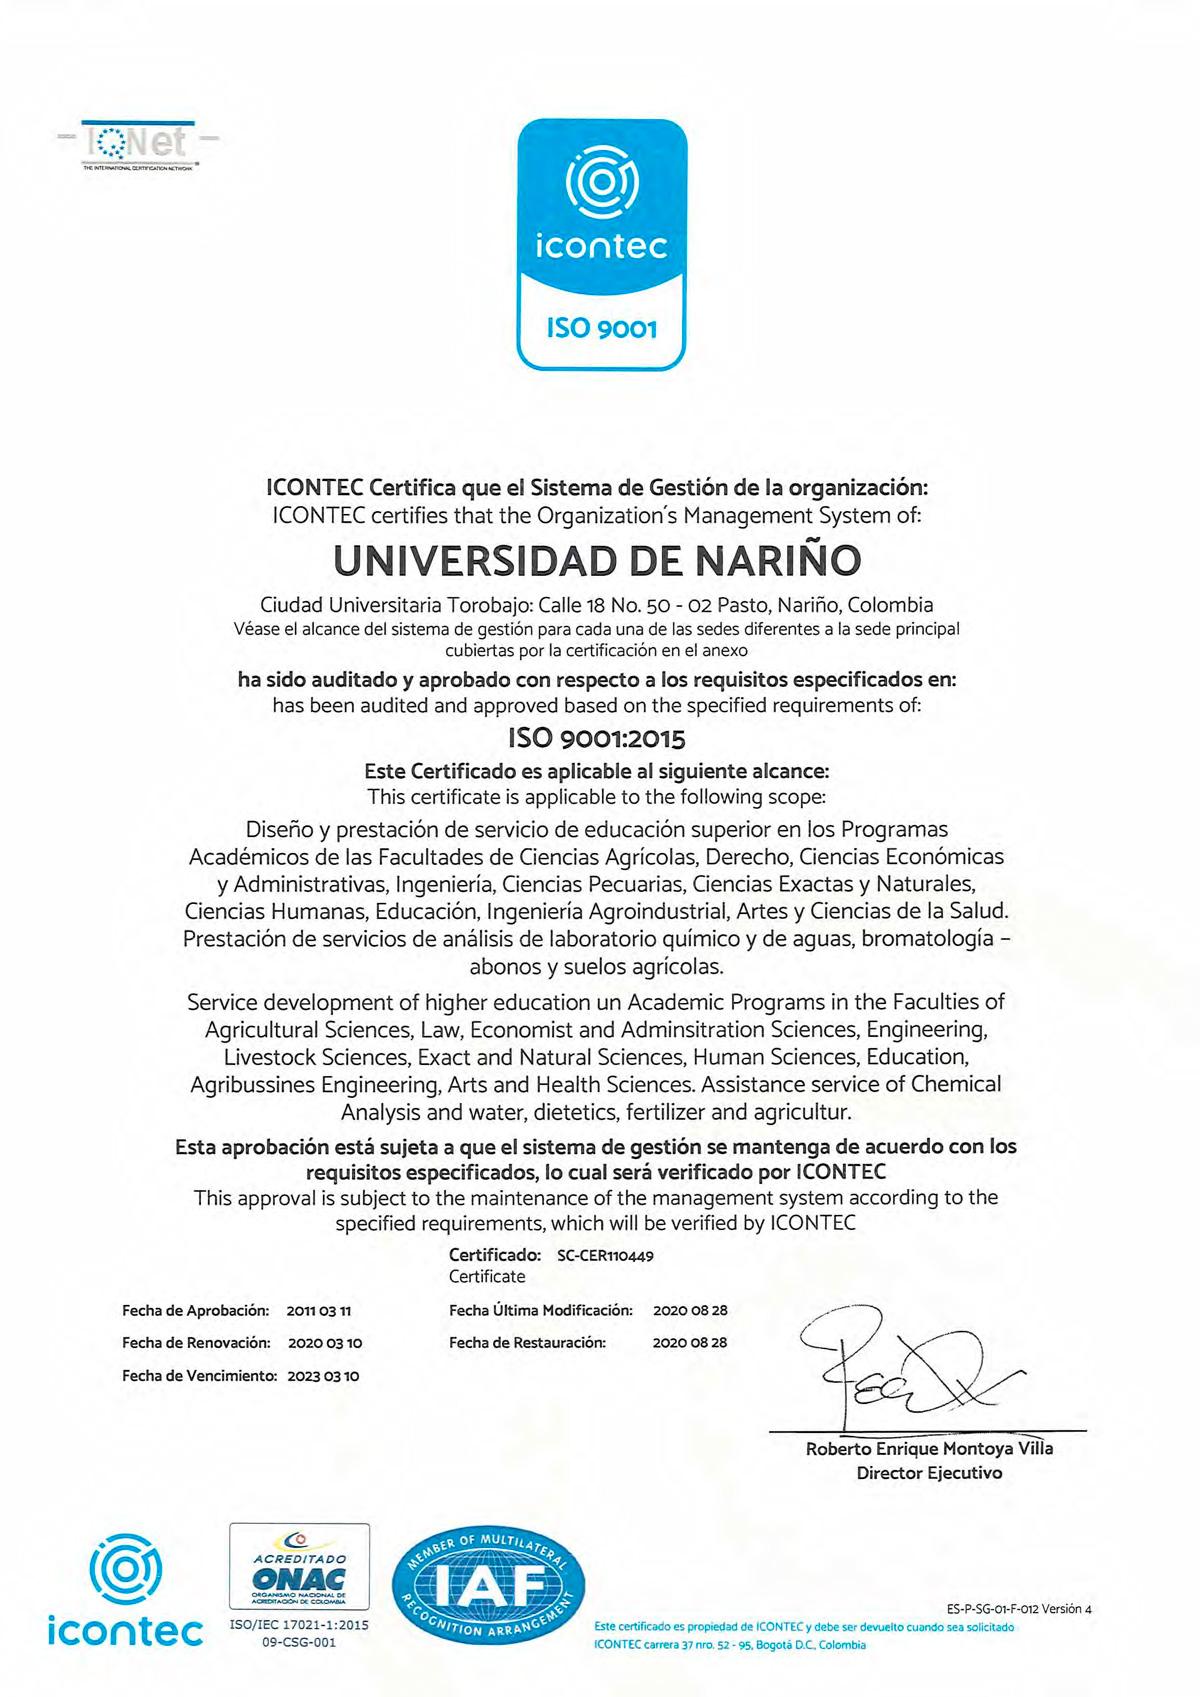 Certificado-Renovación-Universidad-de-Nariño-1